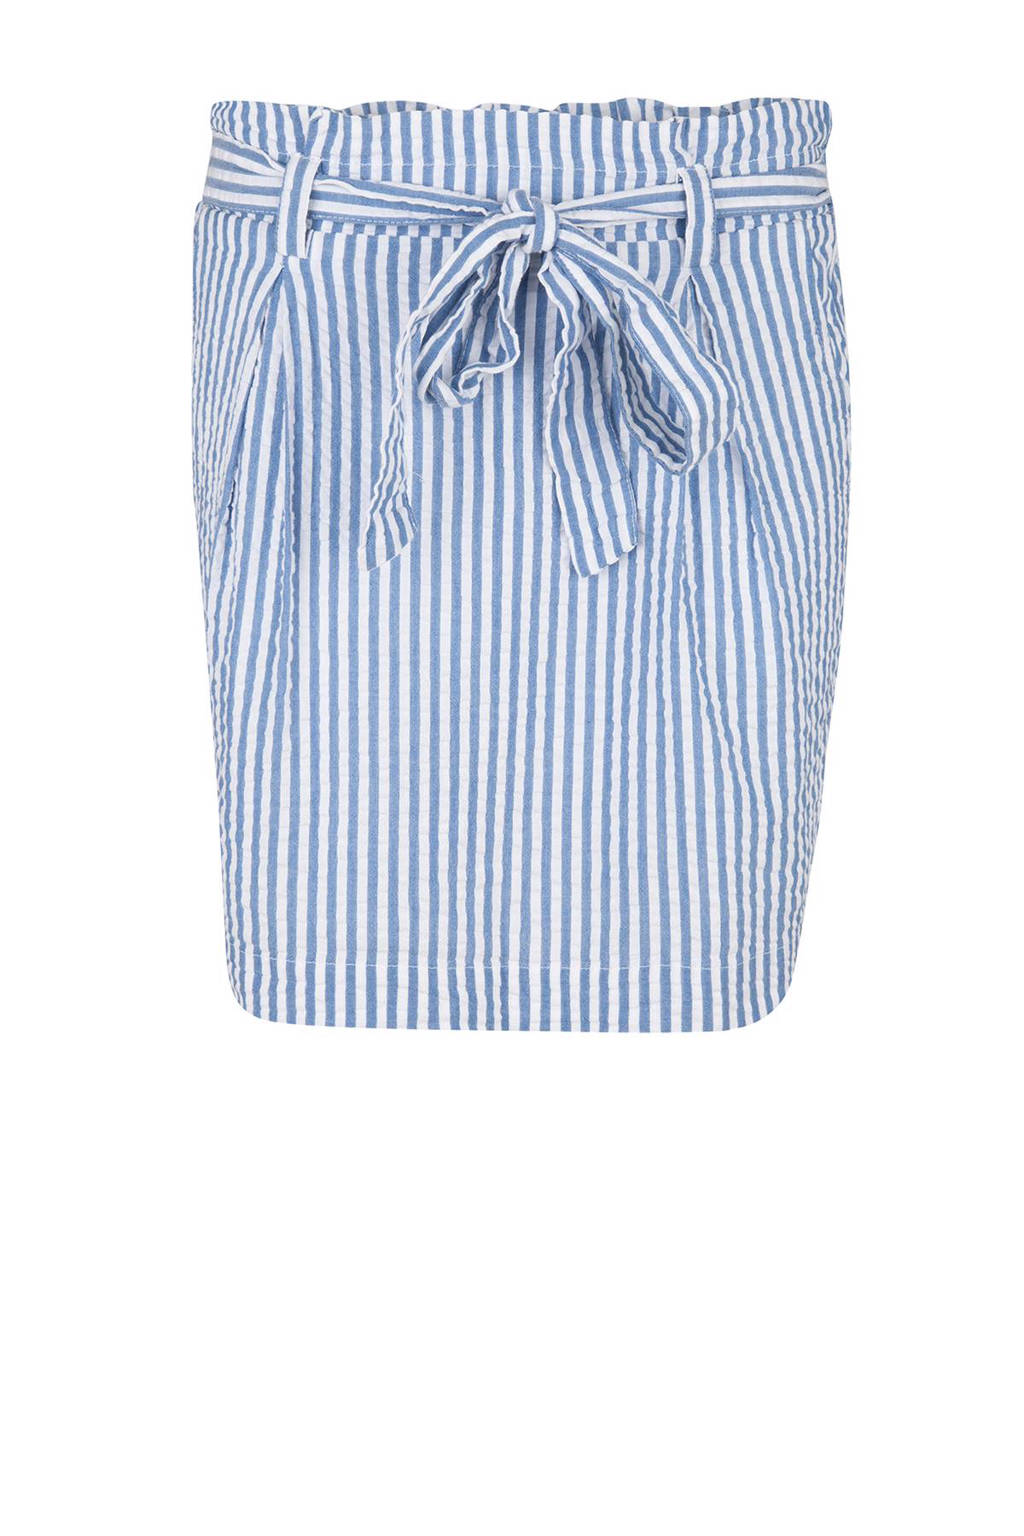 WE Fashion gestreepte paperbag rok, Blauw/wit